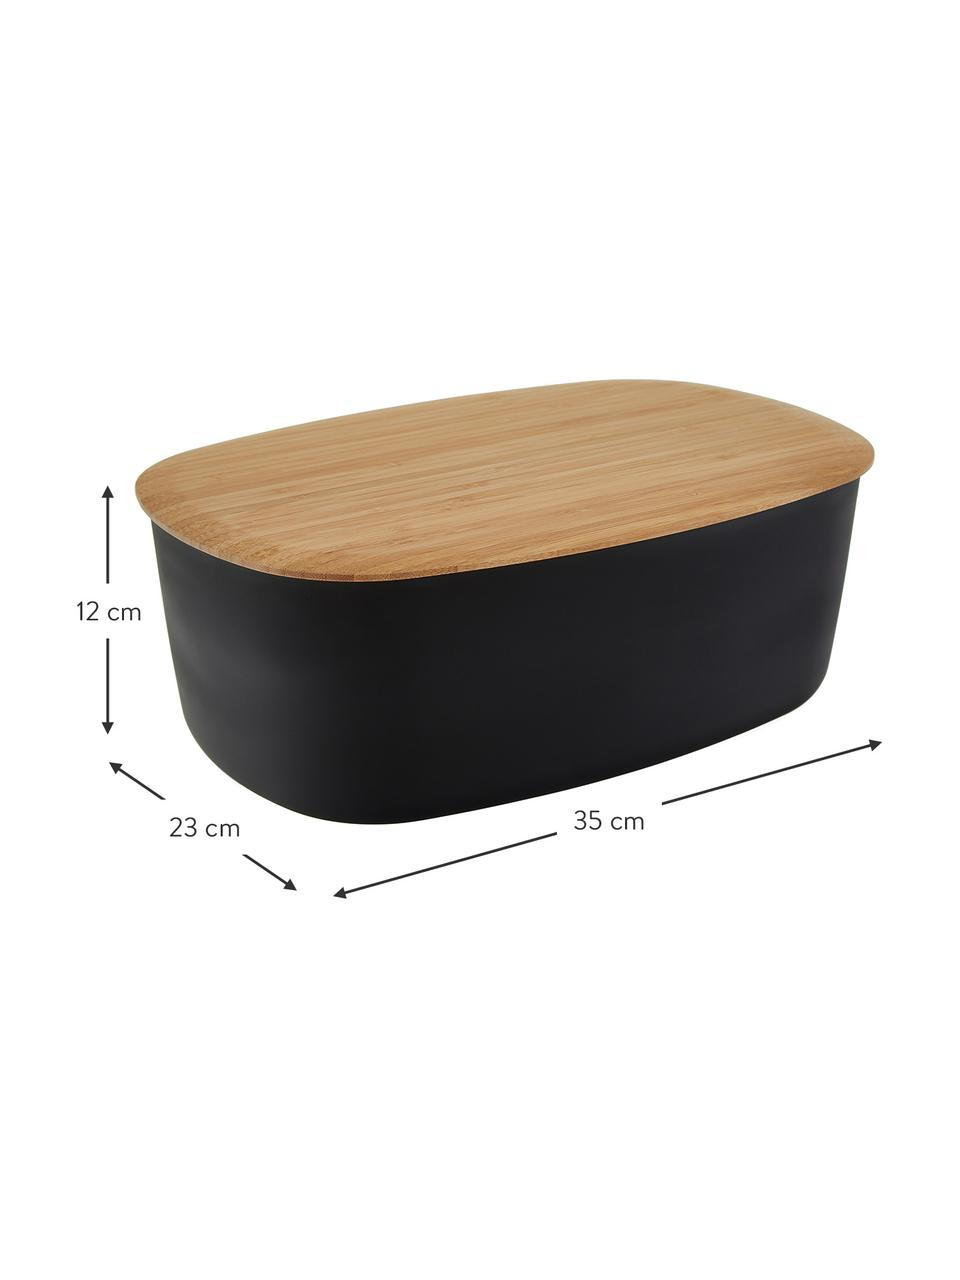 Designer Brotkasten Box-It in Schwarz mit Schneidebrett als Deckel, Deckel: Bambus, Dose: Schwarz Deckel: Braun, 35 x 12 cm